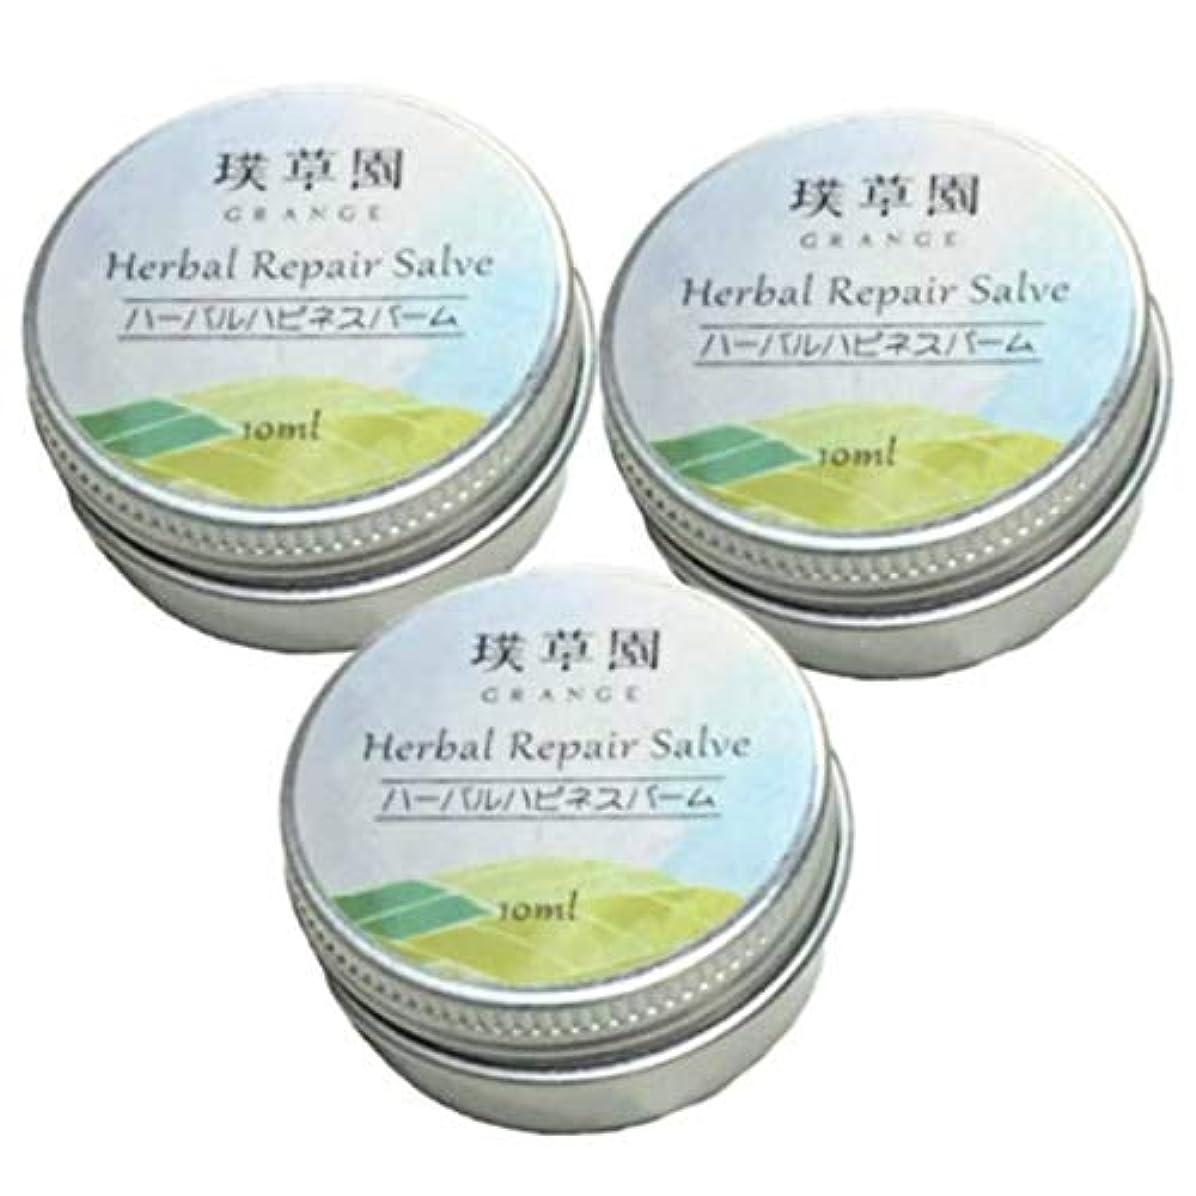 歯科の頭痛コットンオーガニック ハンドクリーム 軟膏 GRANGE(グレンジ)ハーバルハピネスバーム 10ml x 3 「 無添加 ボディクリーム 」